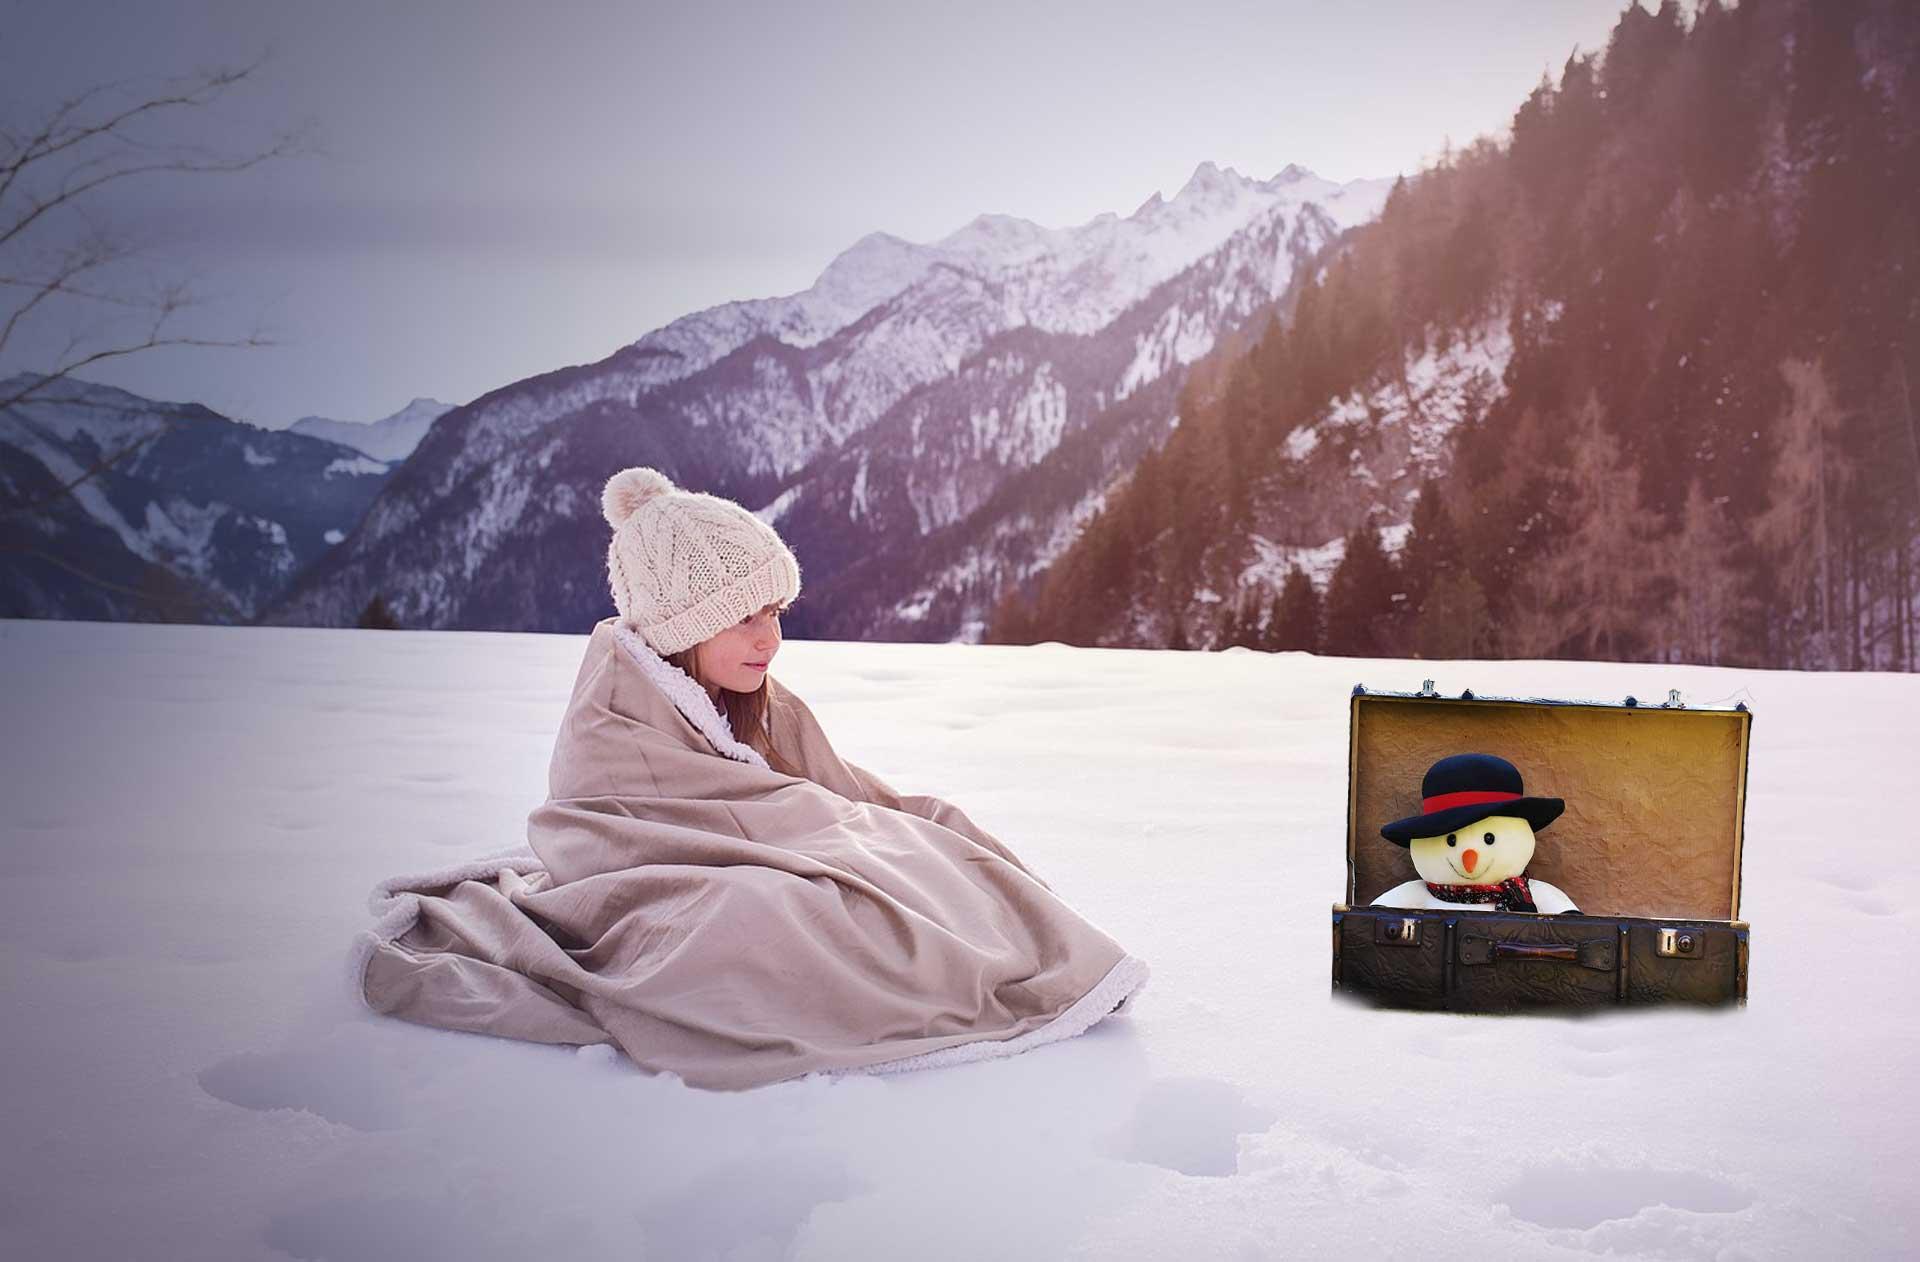 Vacanze sulla neve, cosa mettere in valigia